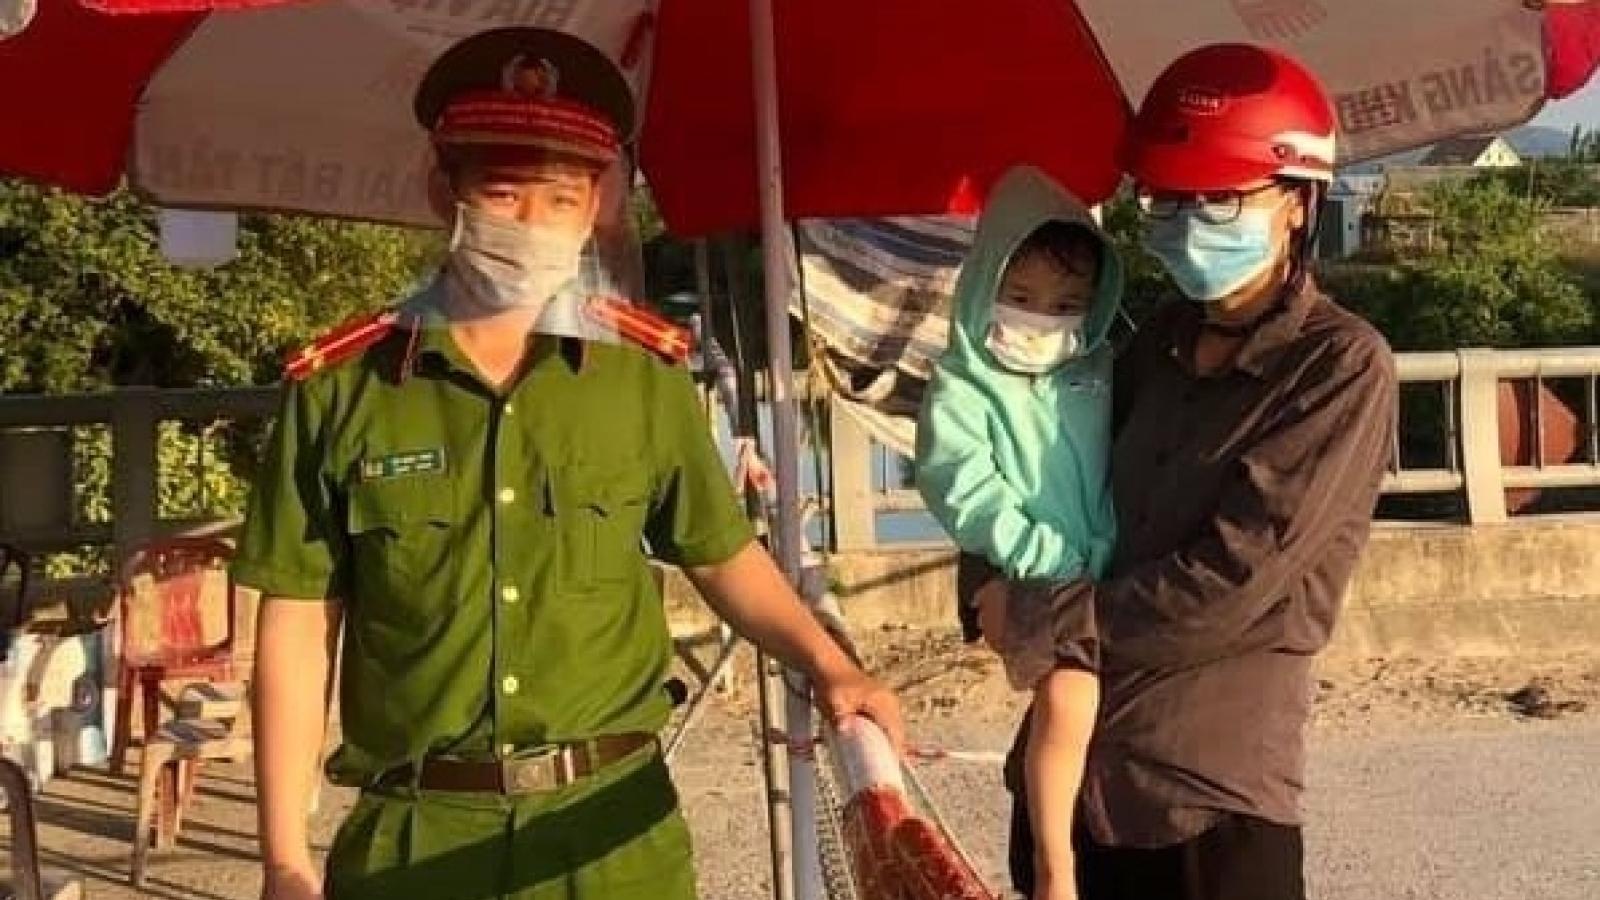 Trung úy công an trực chốt kịp thời đưa bé 3 tuổi đến bệnh viện cấp cứu